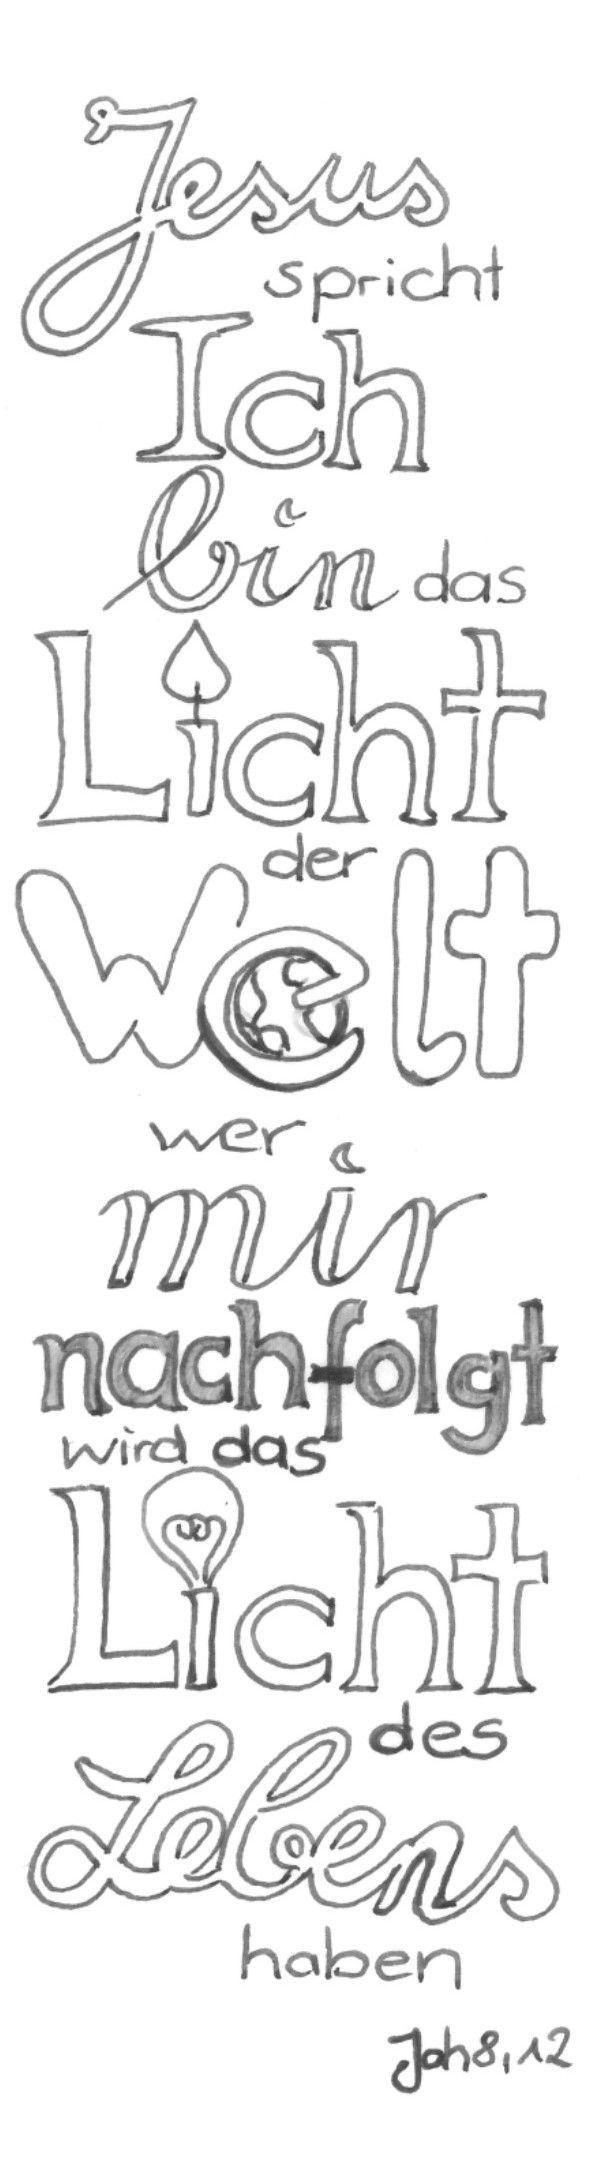 15 besten Bible Journaling Vodrucke deutsch Bilder auf Pinterest